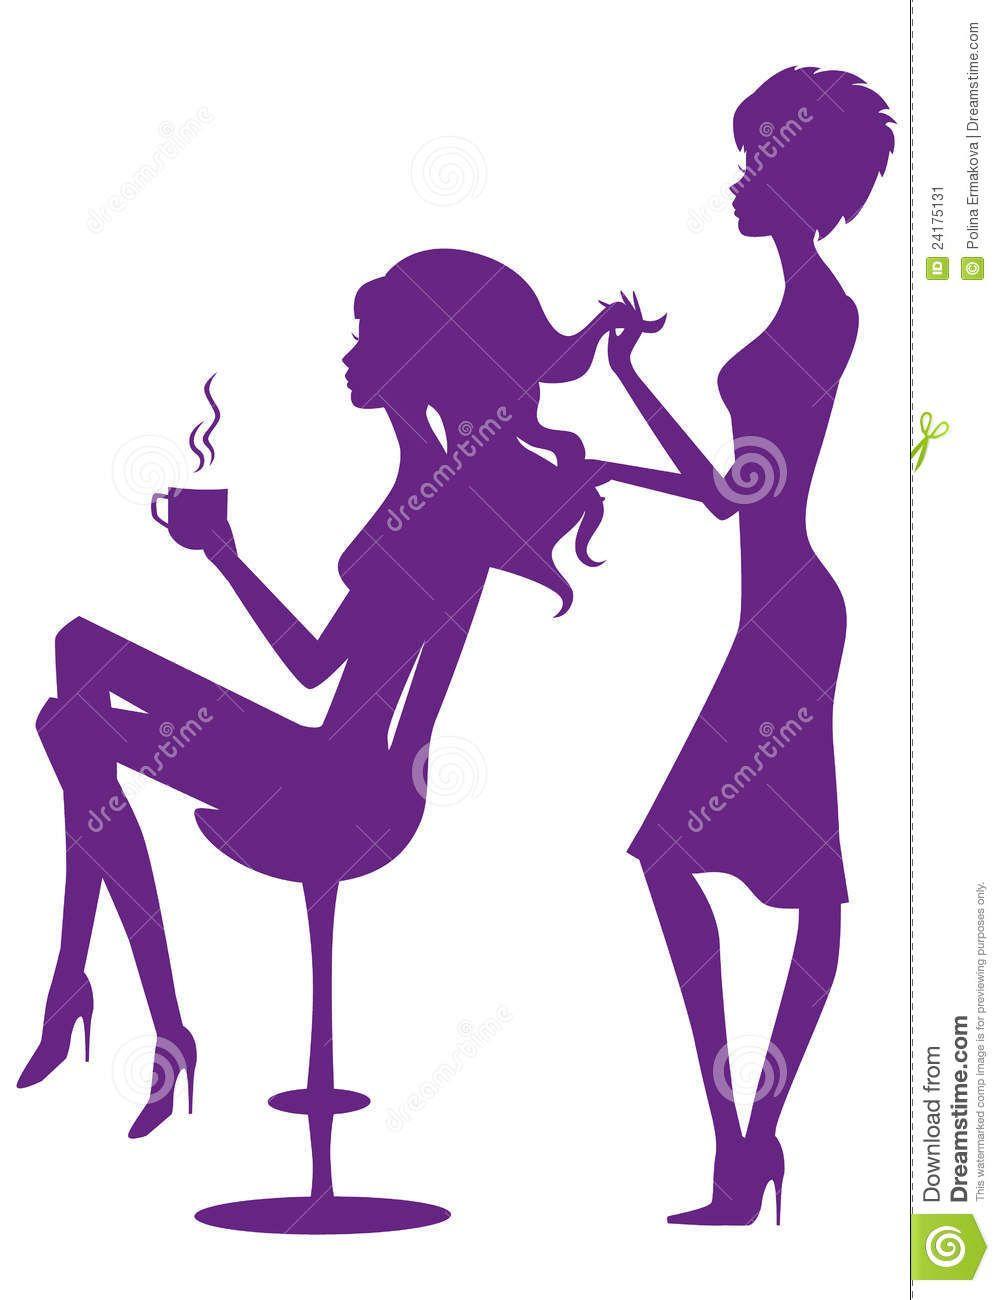 hair beauty salon clip art 725392 jpg 1000 1300 my salon rh pinterest com black hair stylist clipart hair stylist tools clipart